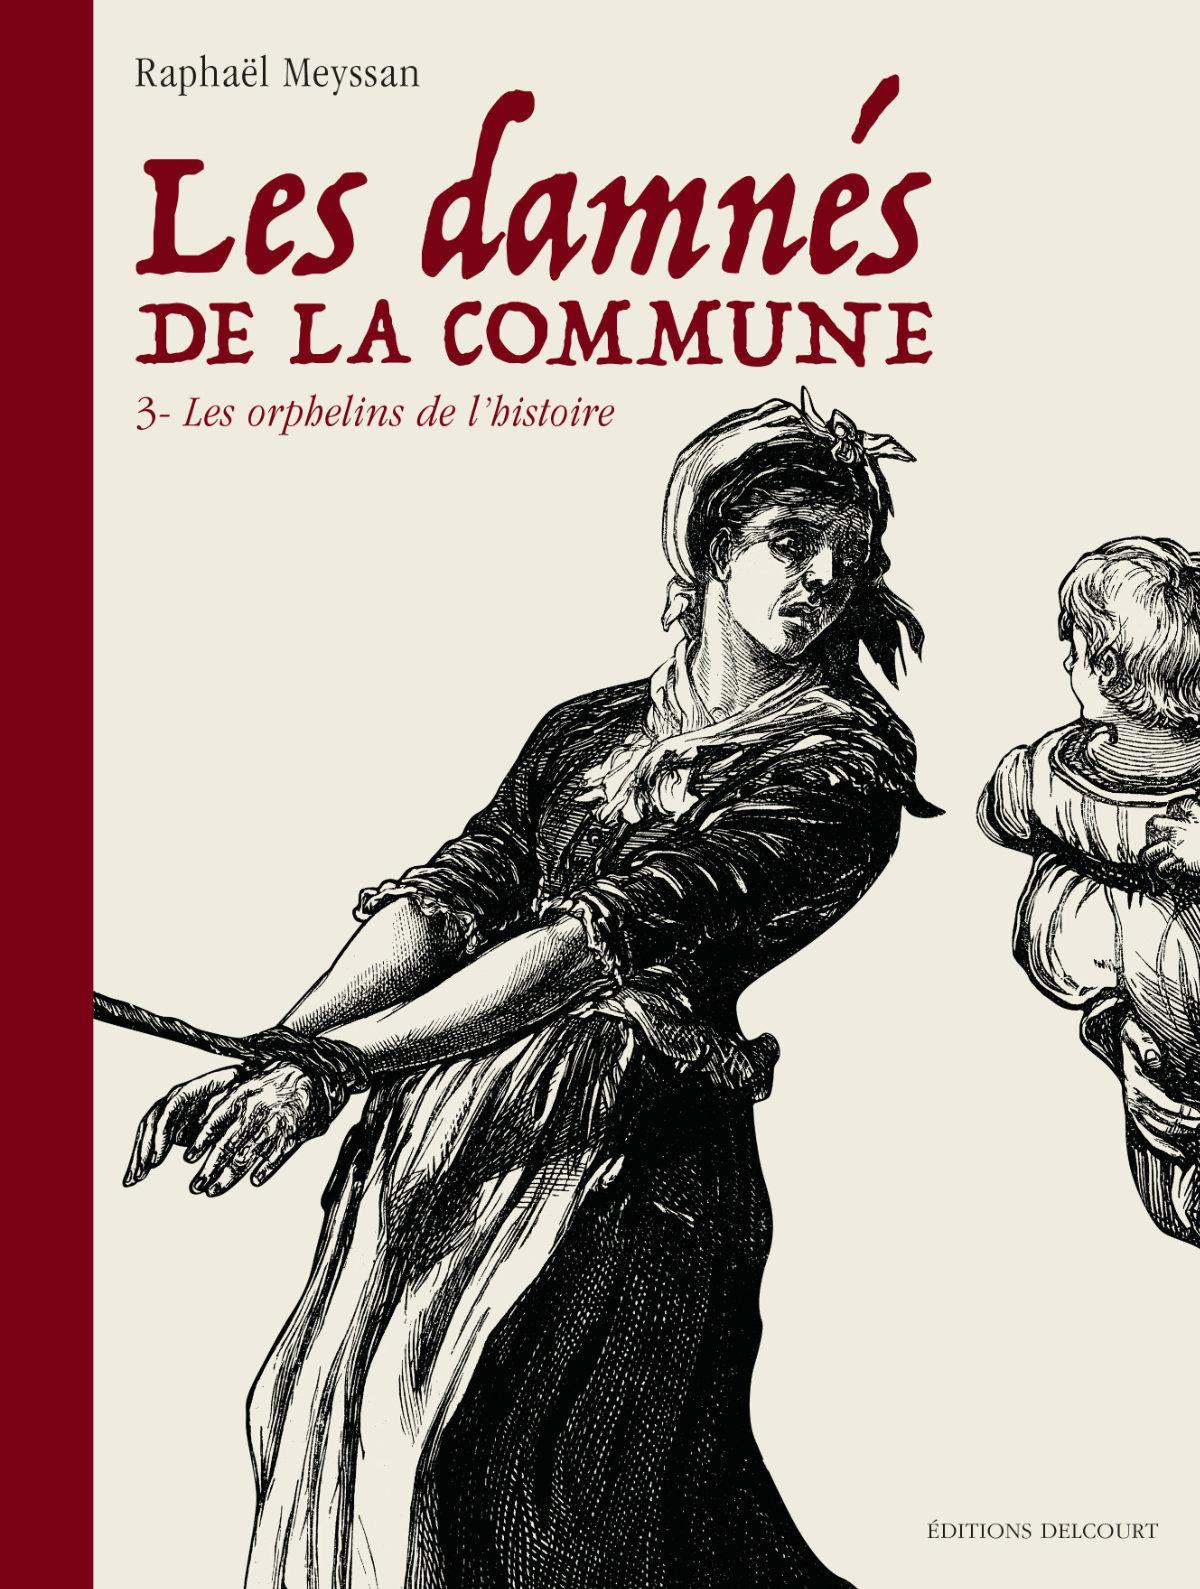 """Commune de Paris: """"Les Damnés"""" de Raphaël Meyssan Tome 3"""